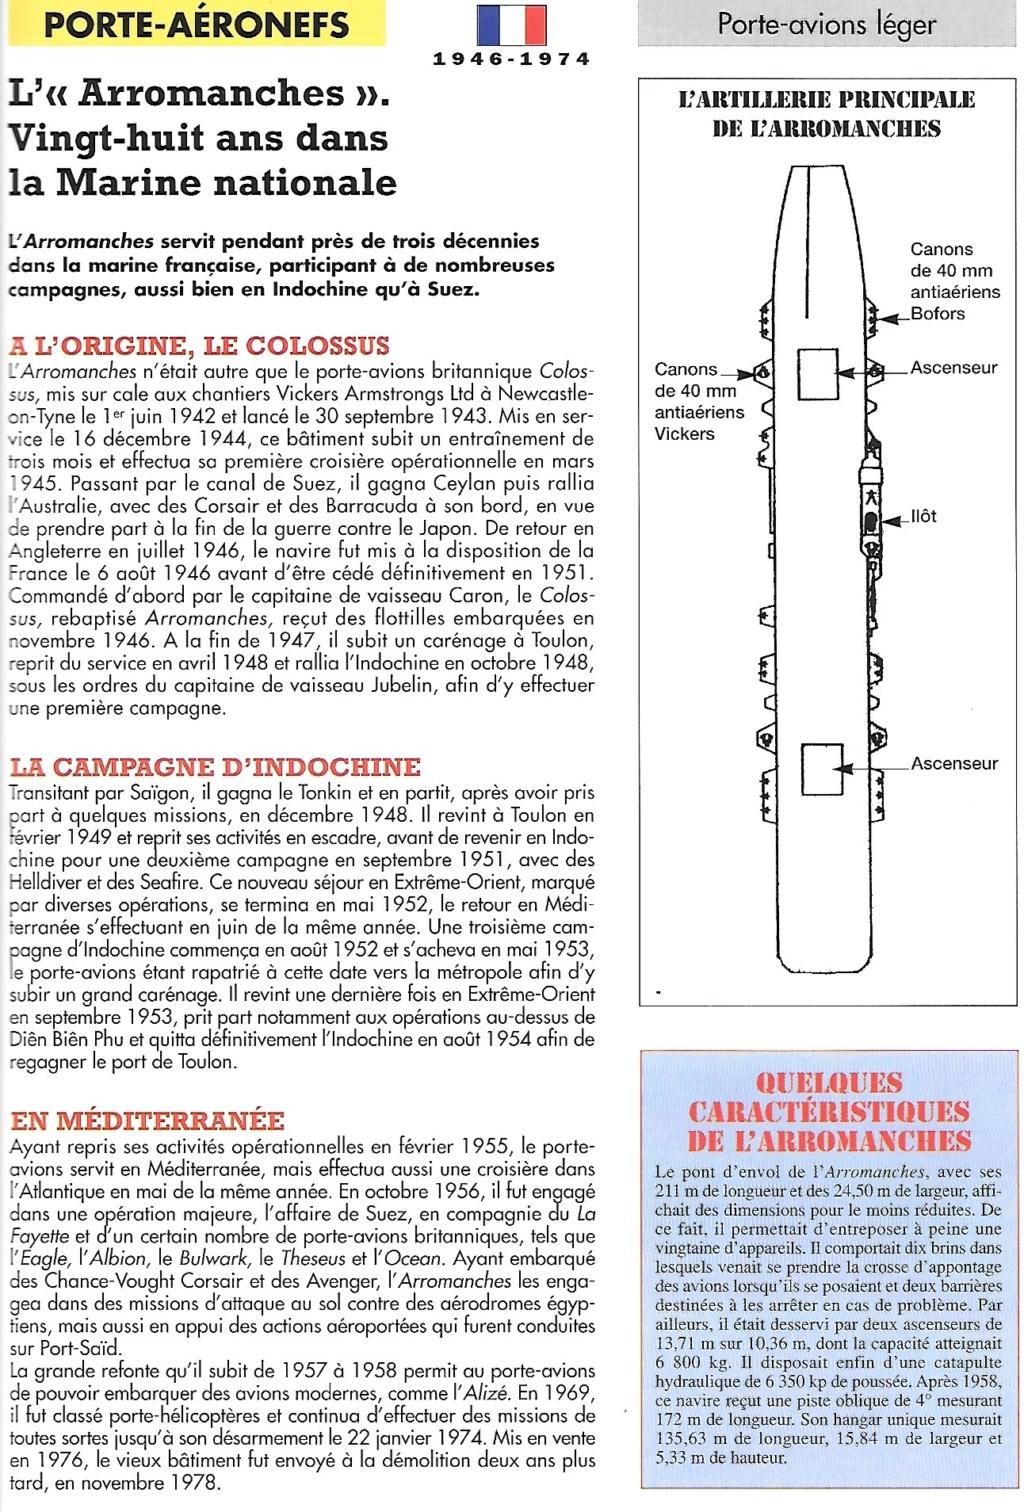 Petite histroire des porte-avions d'escorte - 1915-1945 - Page 7 Pa810